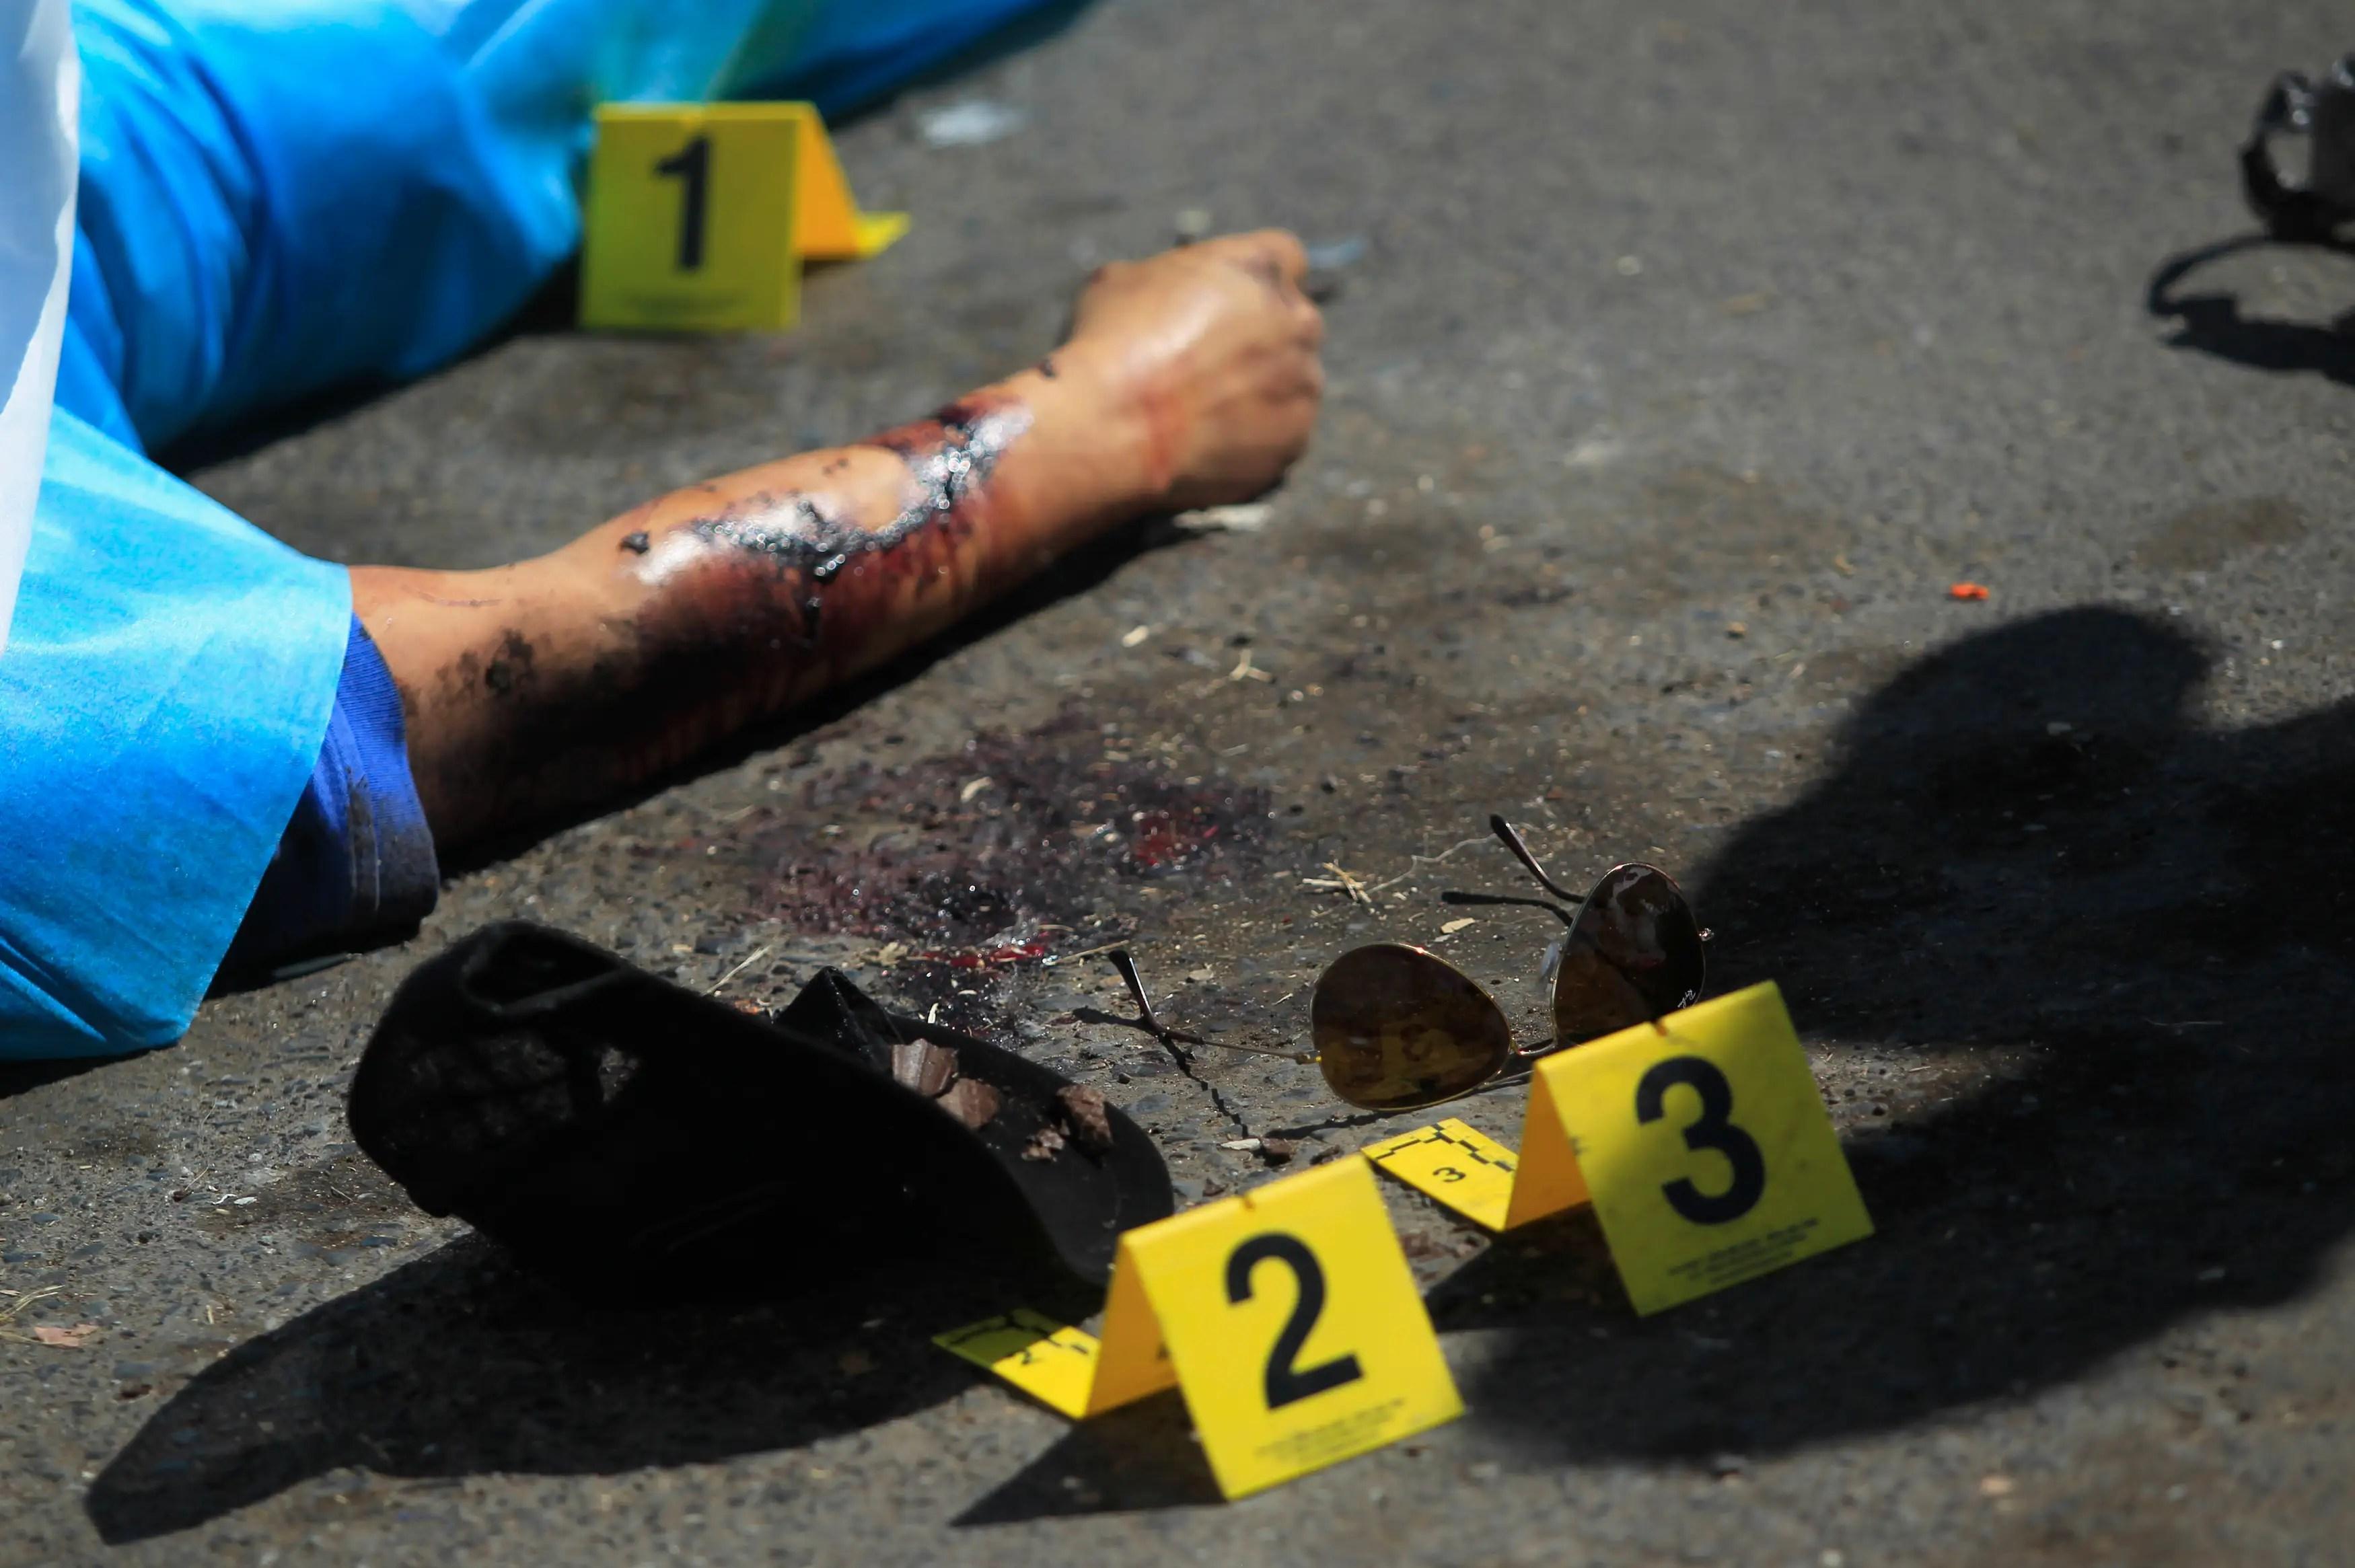 Mexico crime scene blood victim